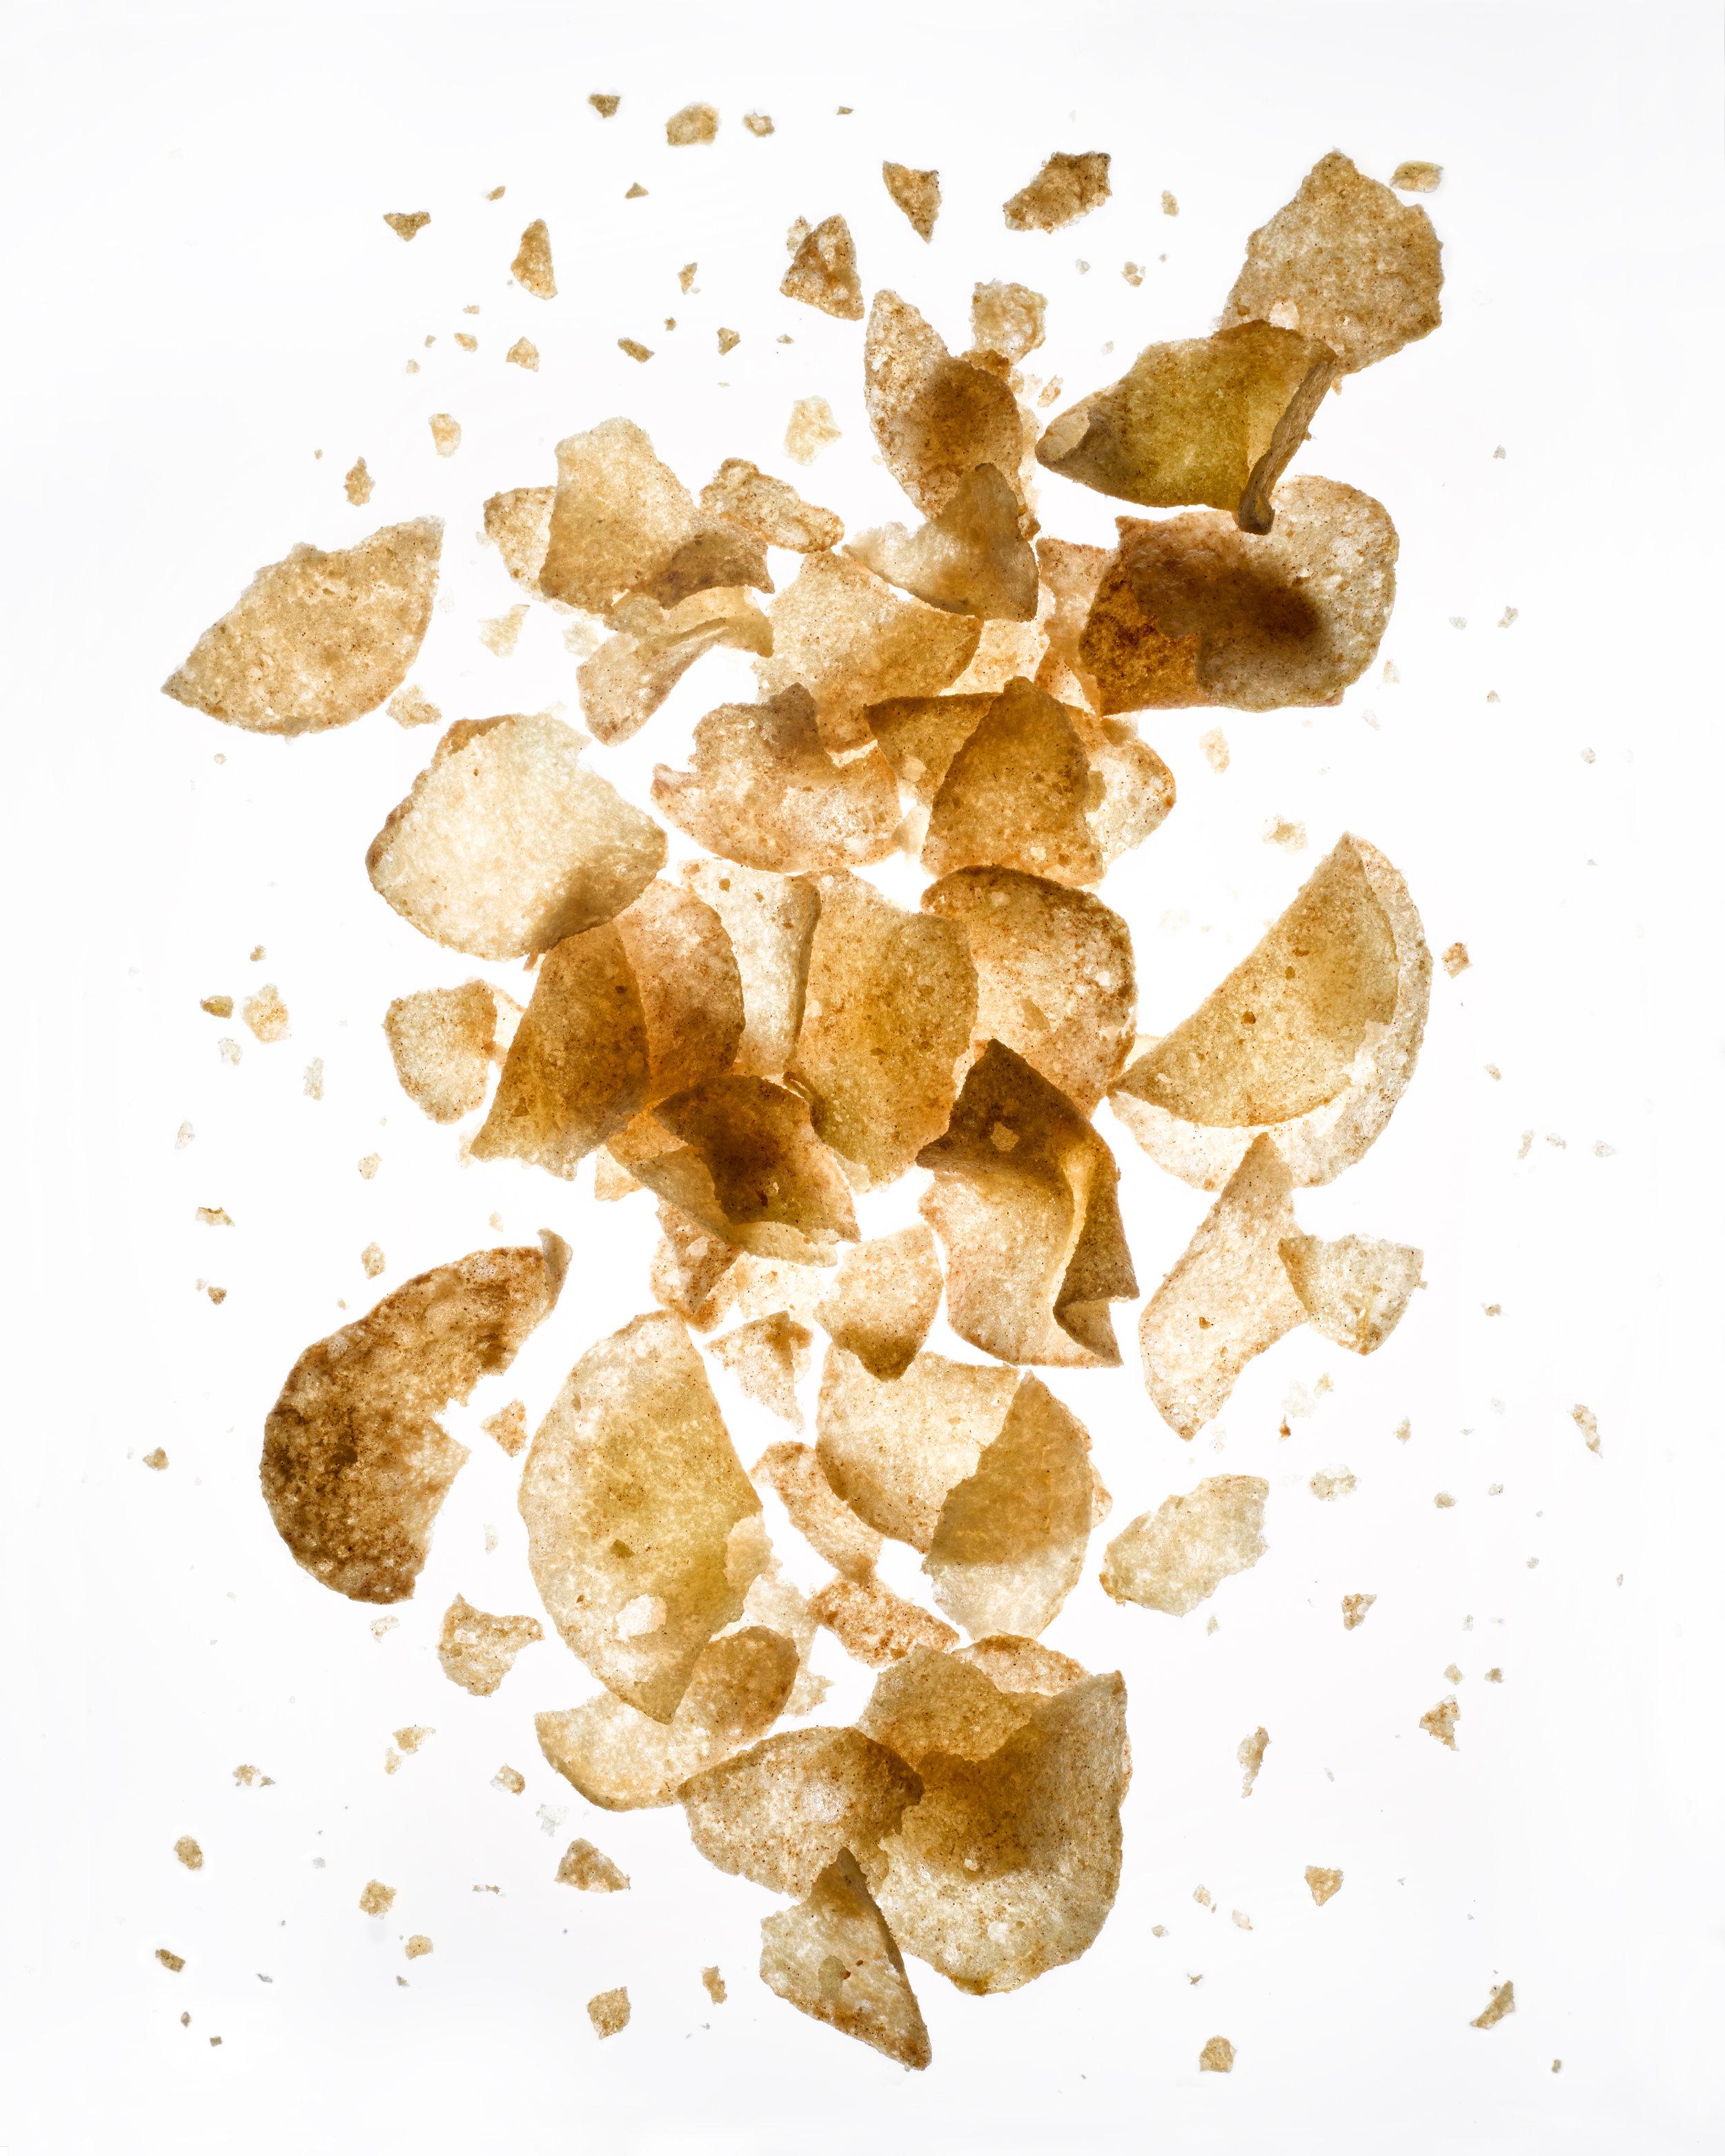 Expired chips.jpg